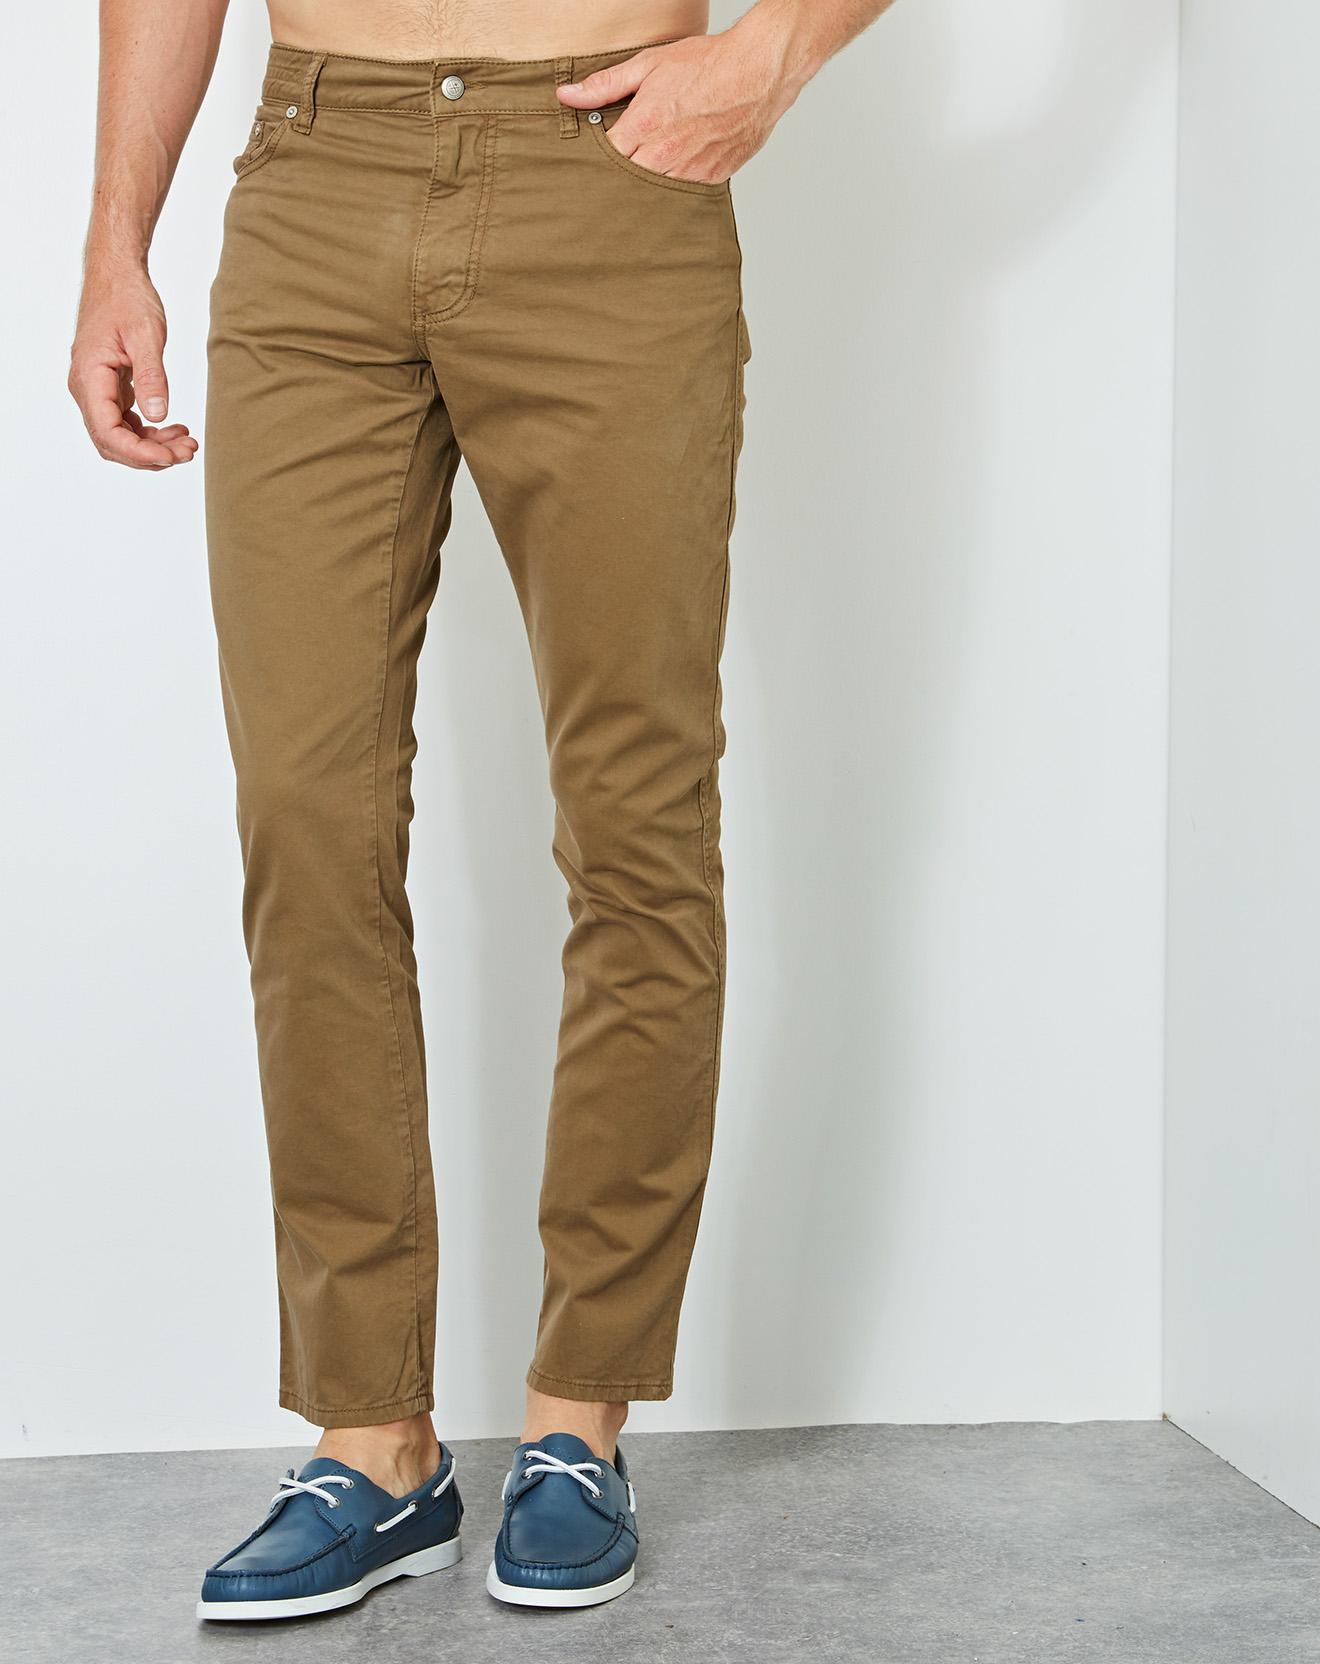 Pantalon Trinity camel - Hackett London - Modalova